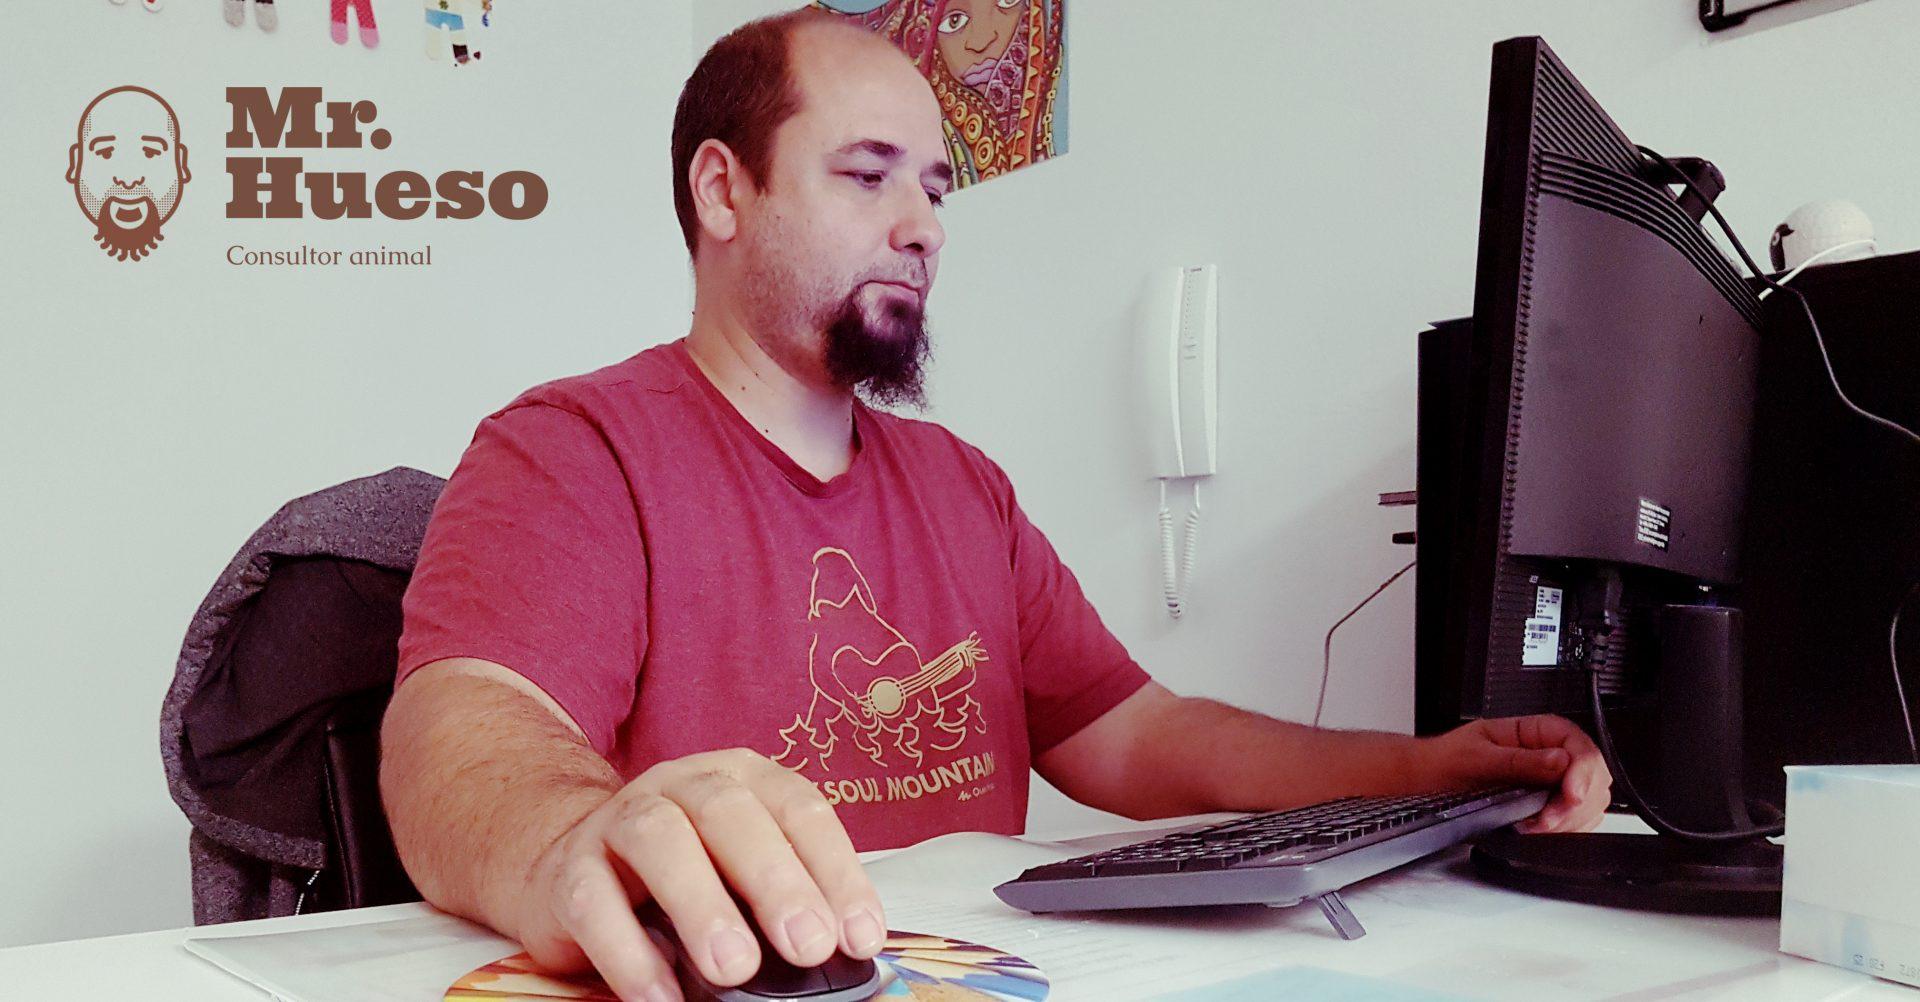 Mr. Hueso realizando una sesión online por videoconferencia